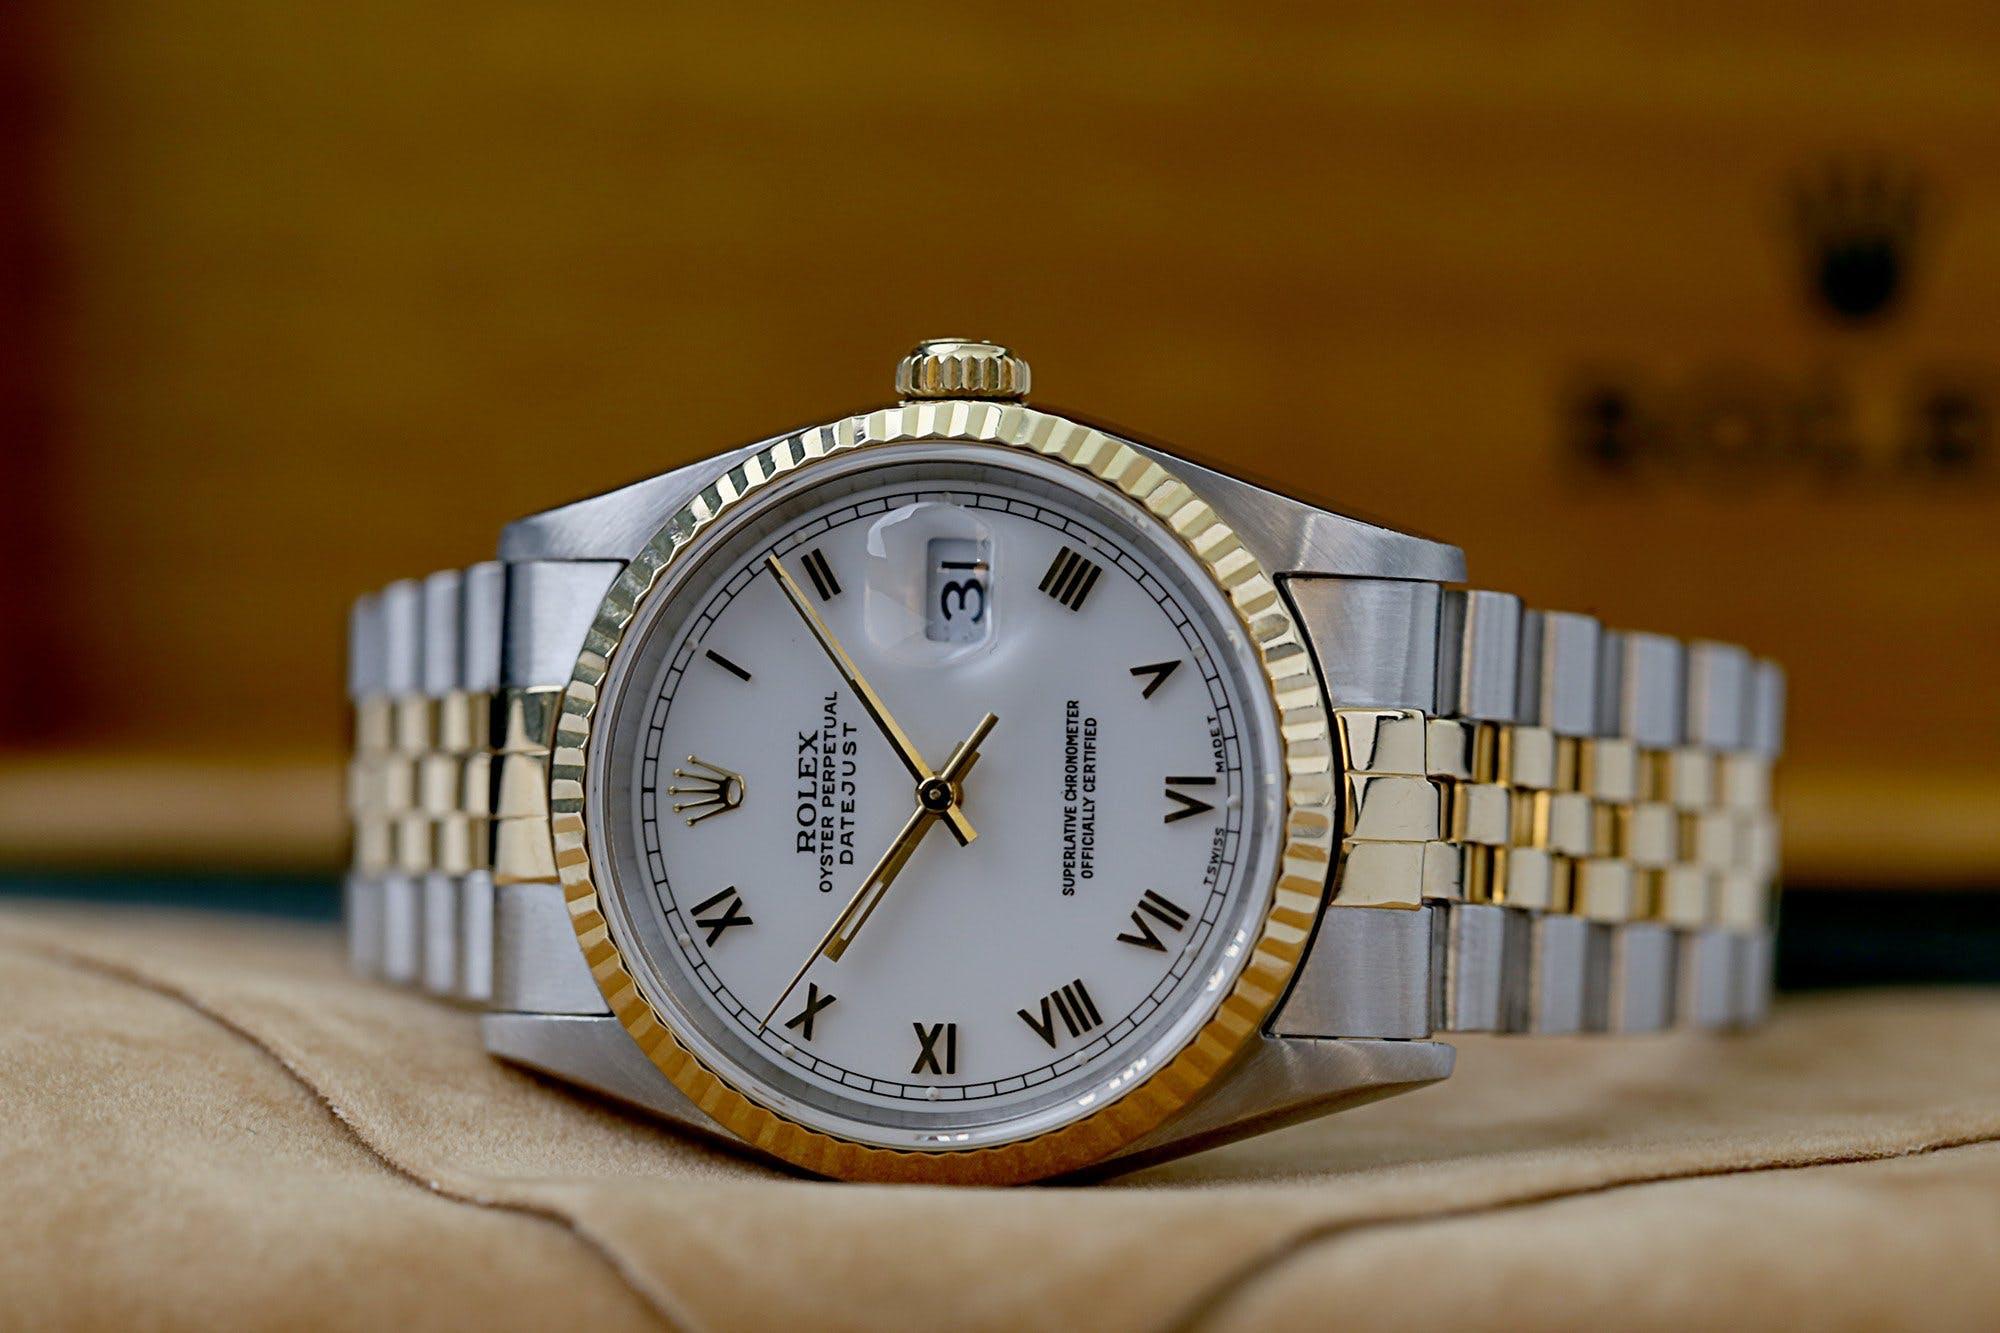 Rolex Datejust Ref. 16233